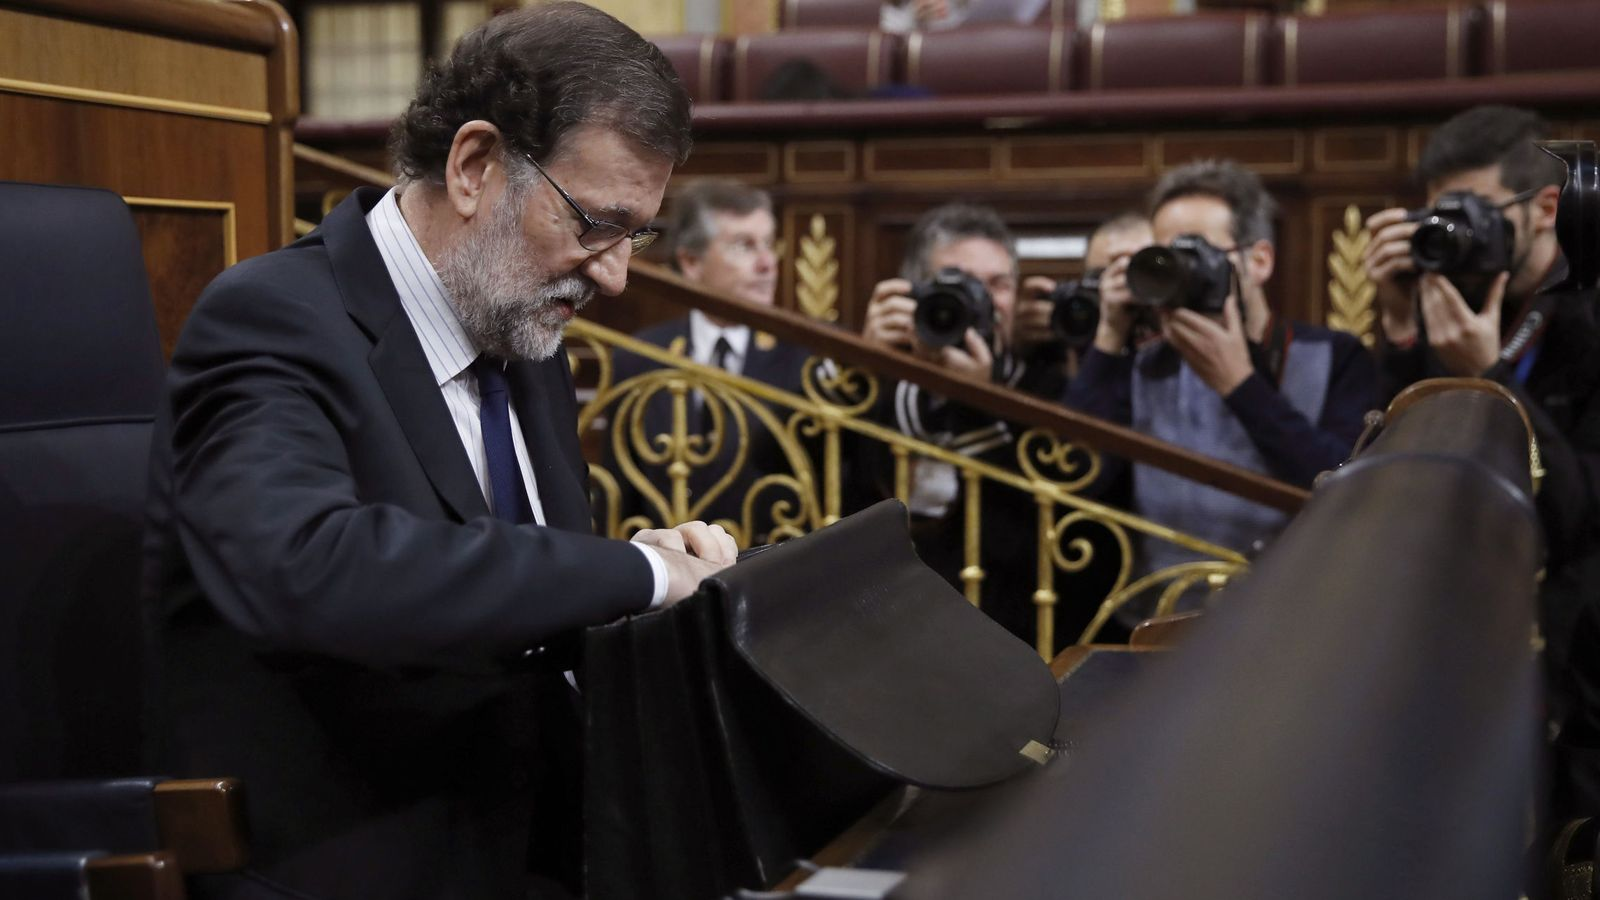 Foto: El presidente del Gobierno, Mariano Rajoy, a su llegada esta mañana al Congreso de los Diputados. (EFE)